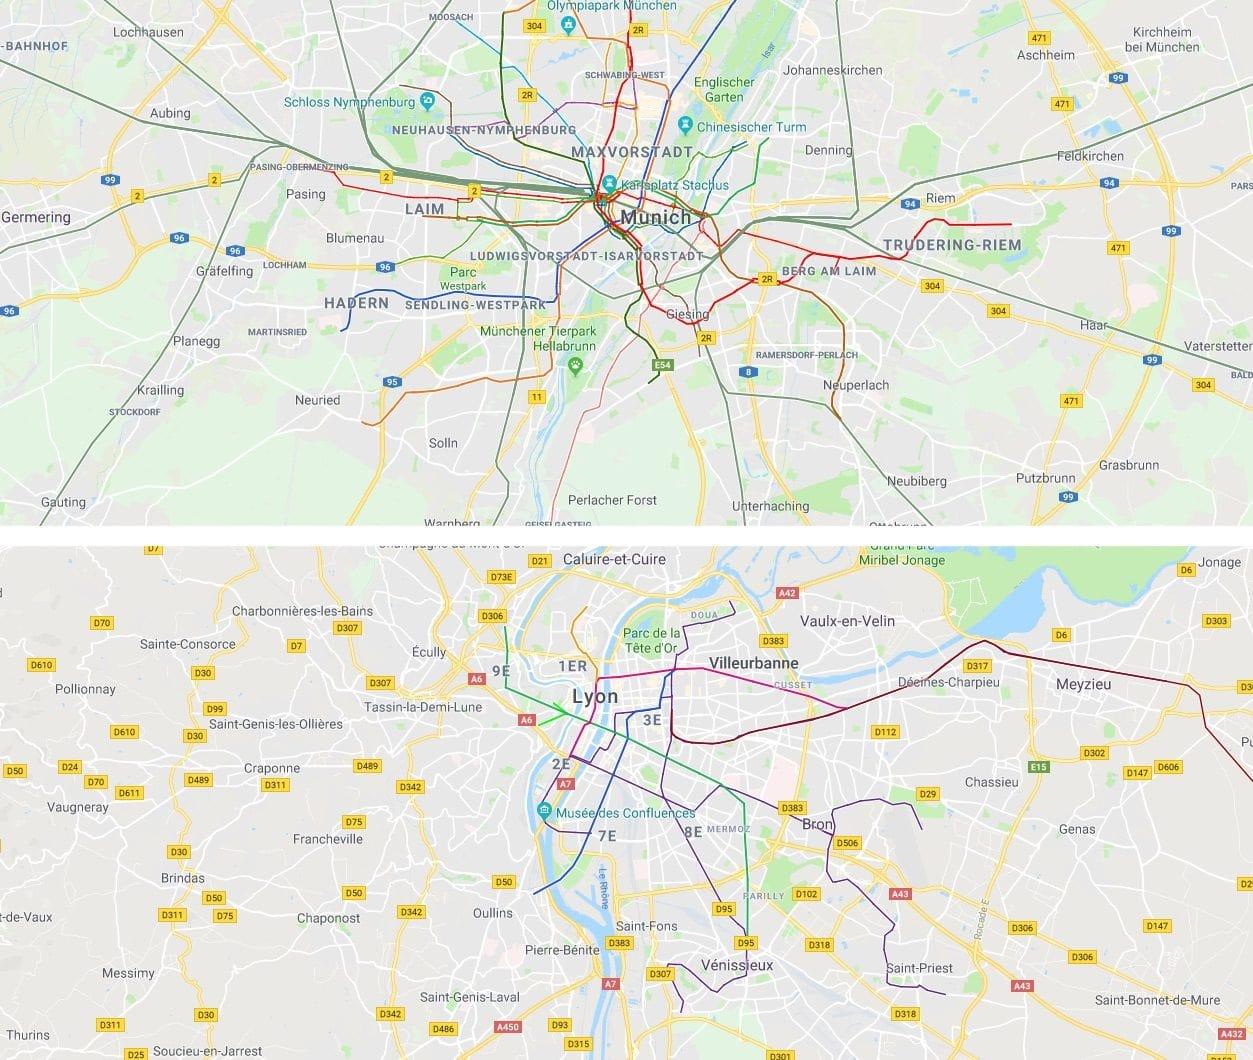 A la même échelle, les réseaux de transports en commun à Munich (métro, tram et RER) et à Lyon (tram + métro uniquement - les trains régionaux n'étant pas intégrés au réseau de transports en commun lyonnais et faisant l'objet d'une tarification distincte). L'agglomération de Munich est comparable à celle de Lyon en terme de population d'après l'INSEE. On voit donc que si le réseau de Lyon-Villeurbanne est performant, il y a une grande marge de progression pour la desserte de la périphérie, à l'est comme à l'ouest.